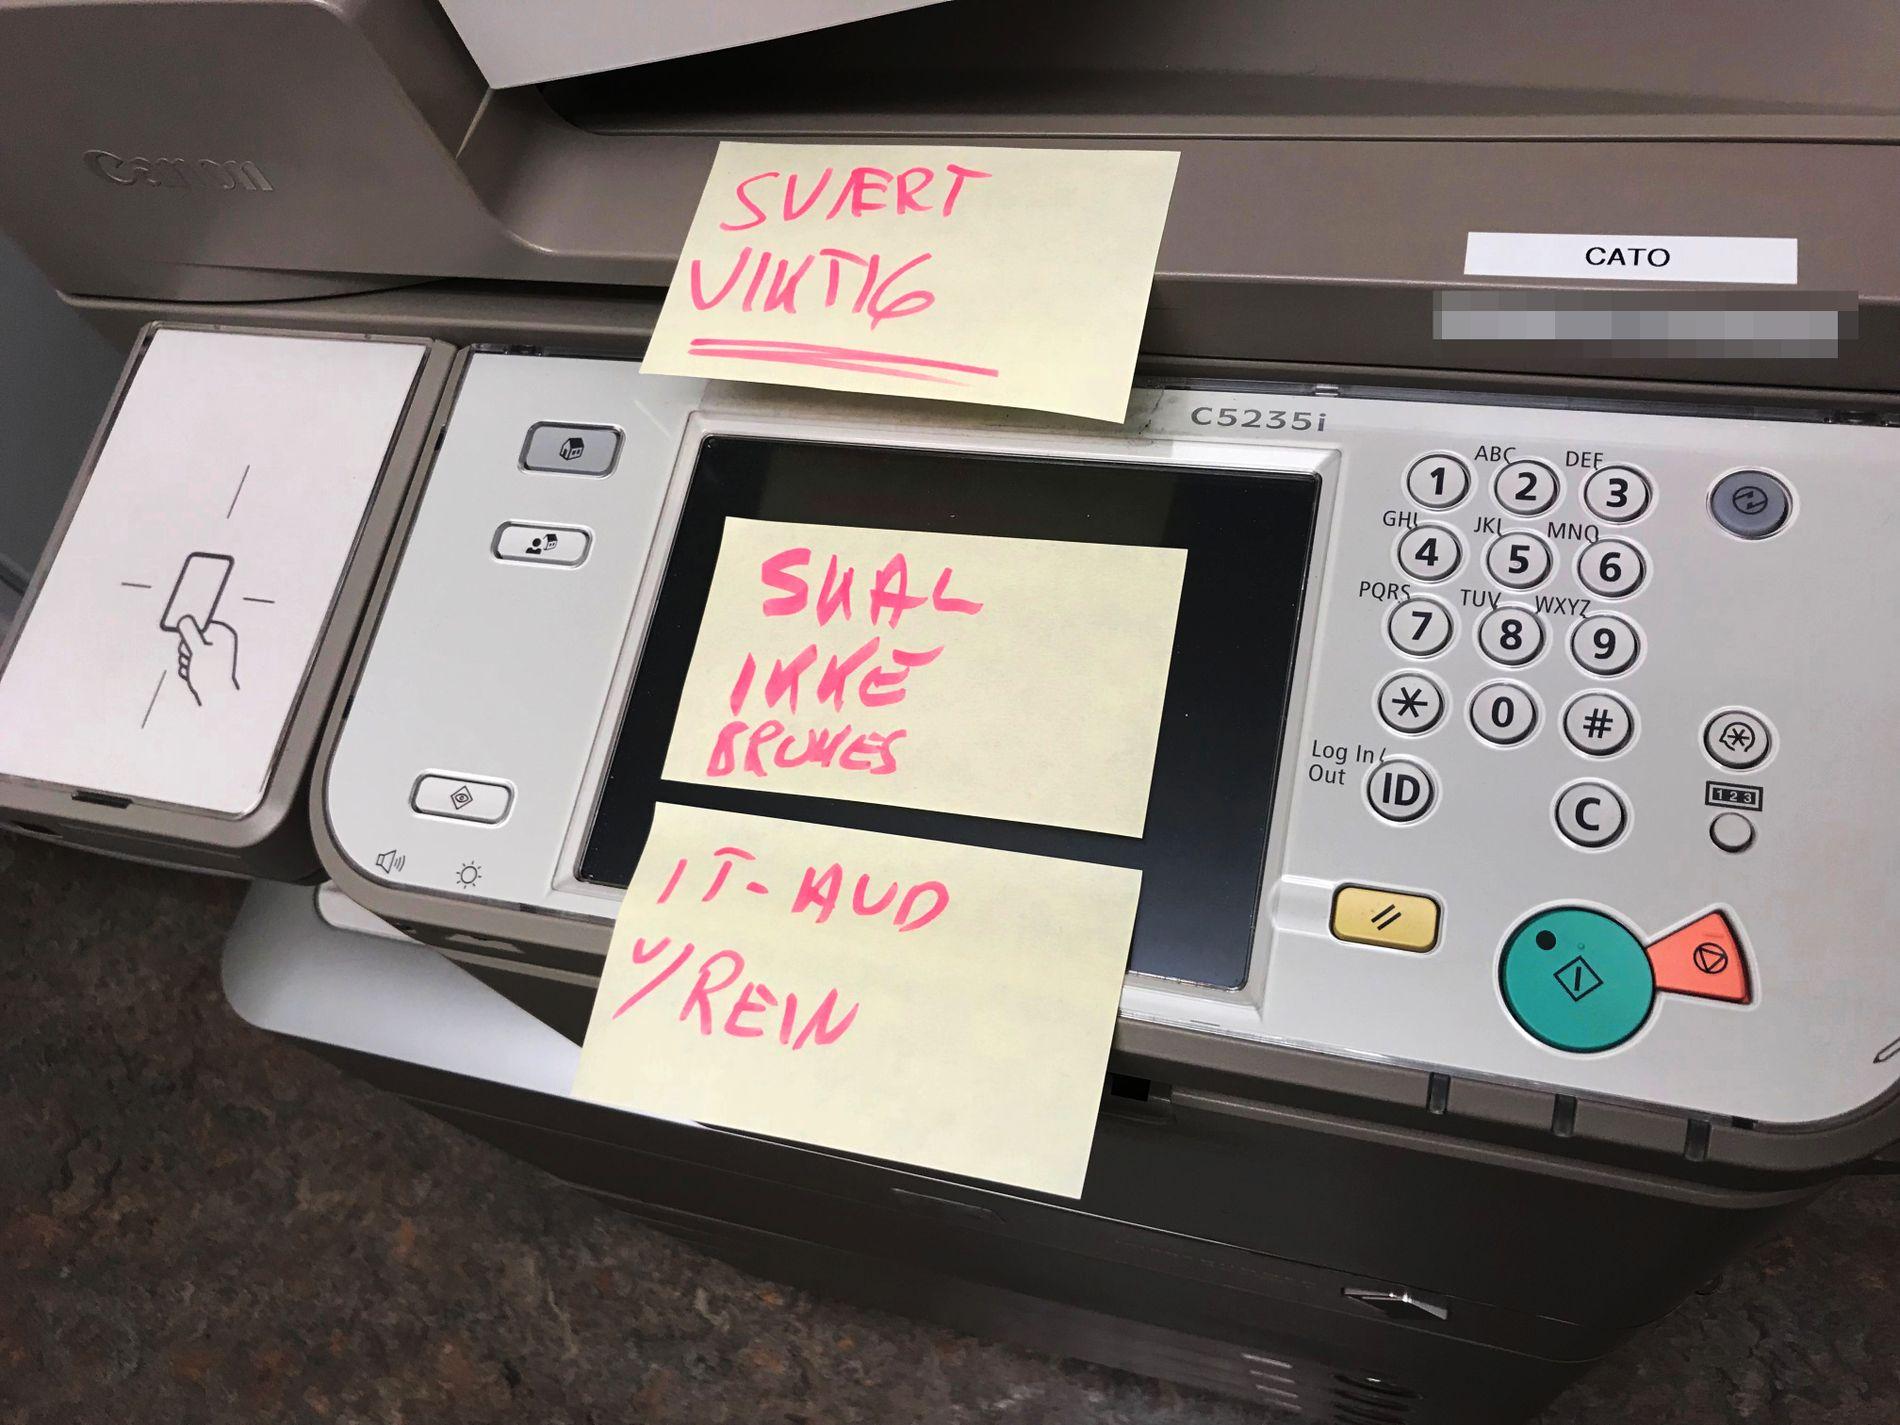 «Svært viktig, skal ikke brukes», står det på printeren under den berømte hovedtrappen opp i vandrehallen påStortinget. Det er totalt ni printere med lignende advarsler rundt om på Stortinget.